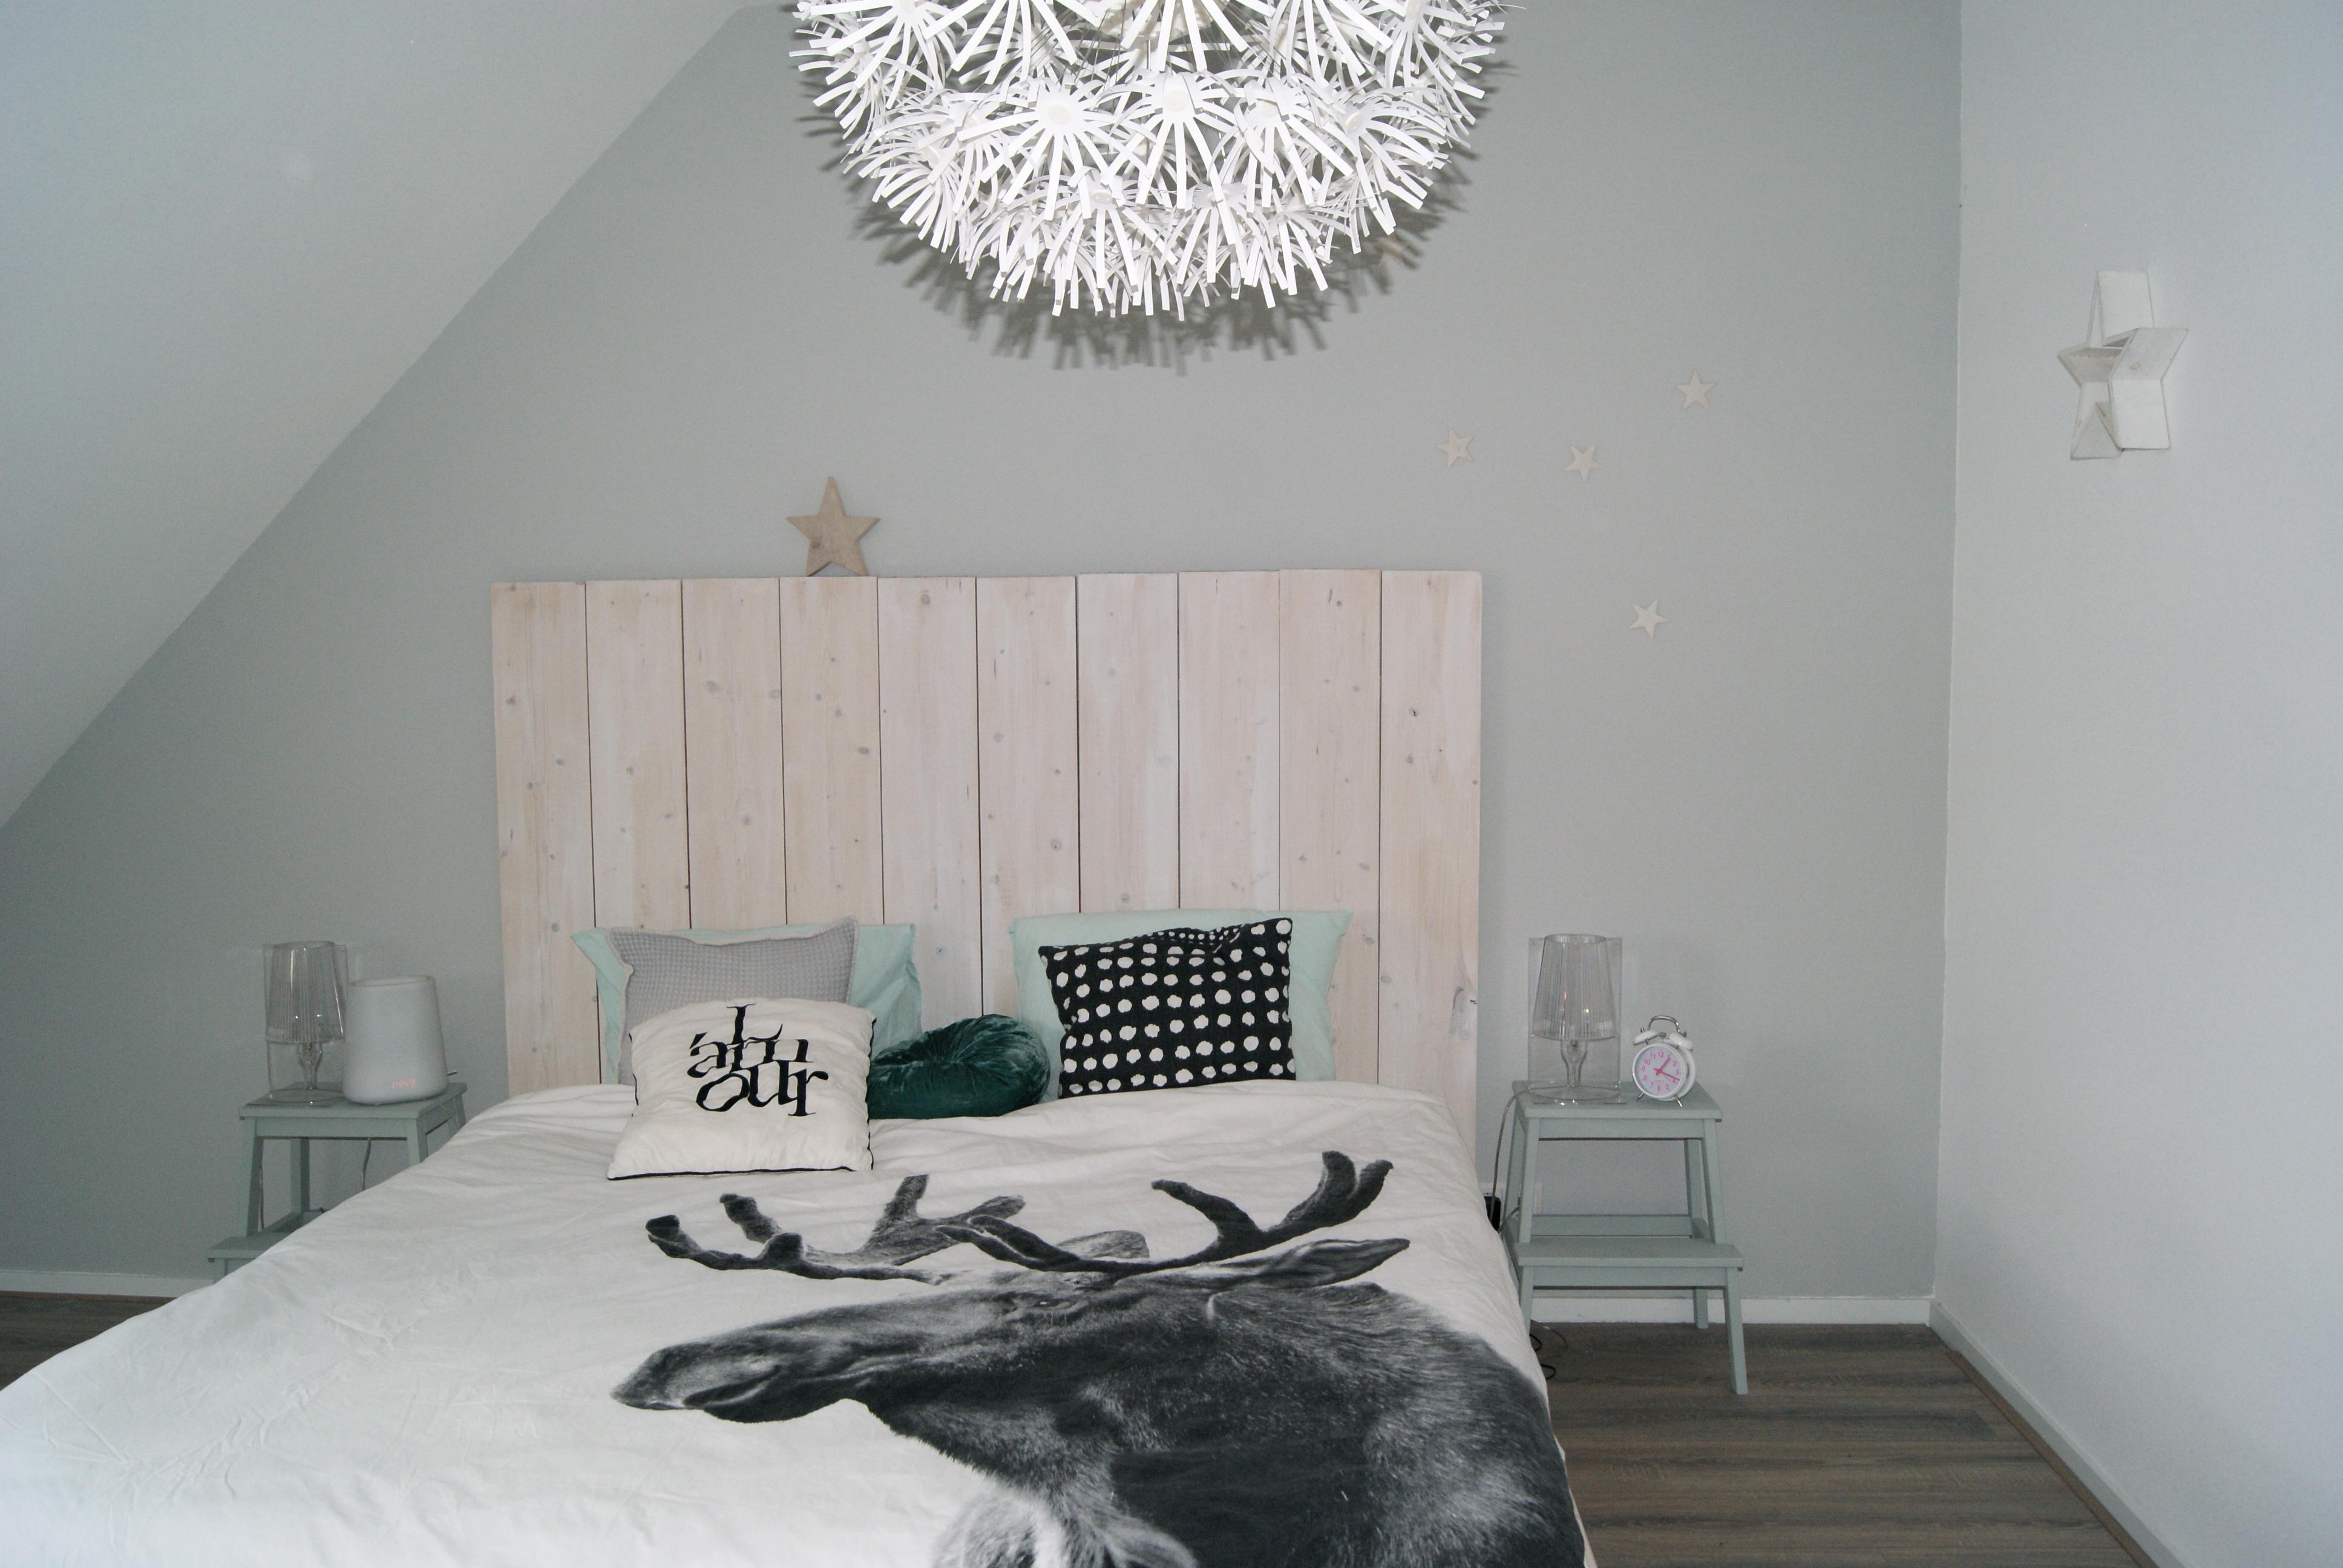 Yvet stylist van o a eigen huis tuin inspiratie voor je interieur - Huis slaapkamer ...